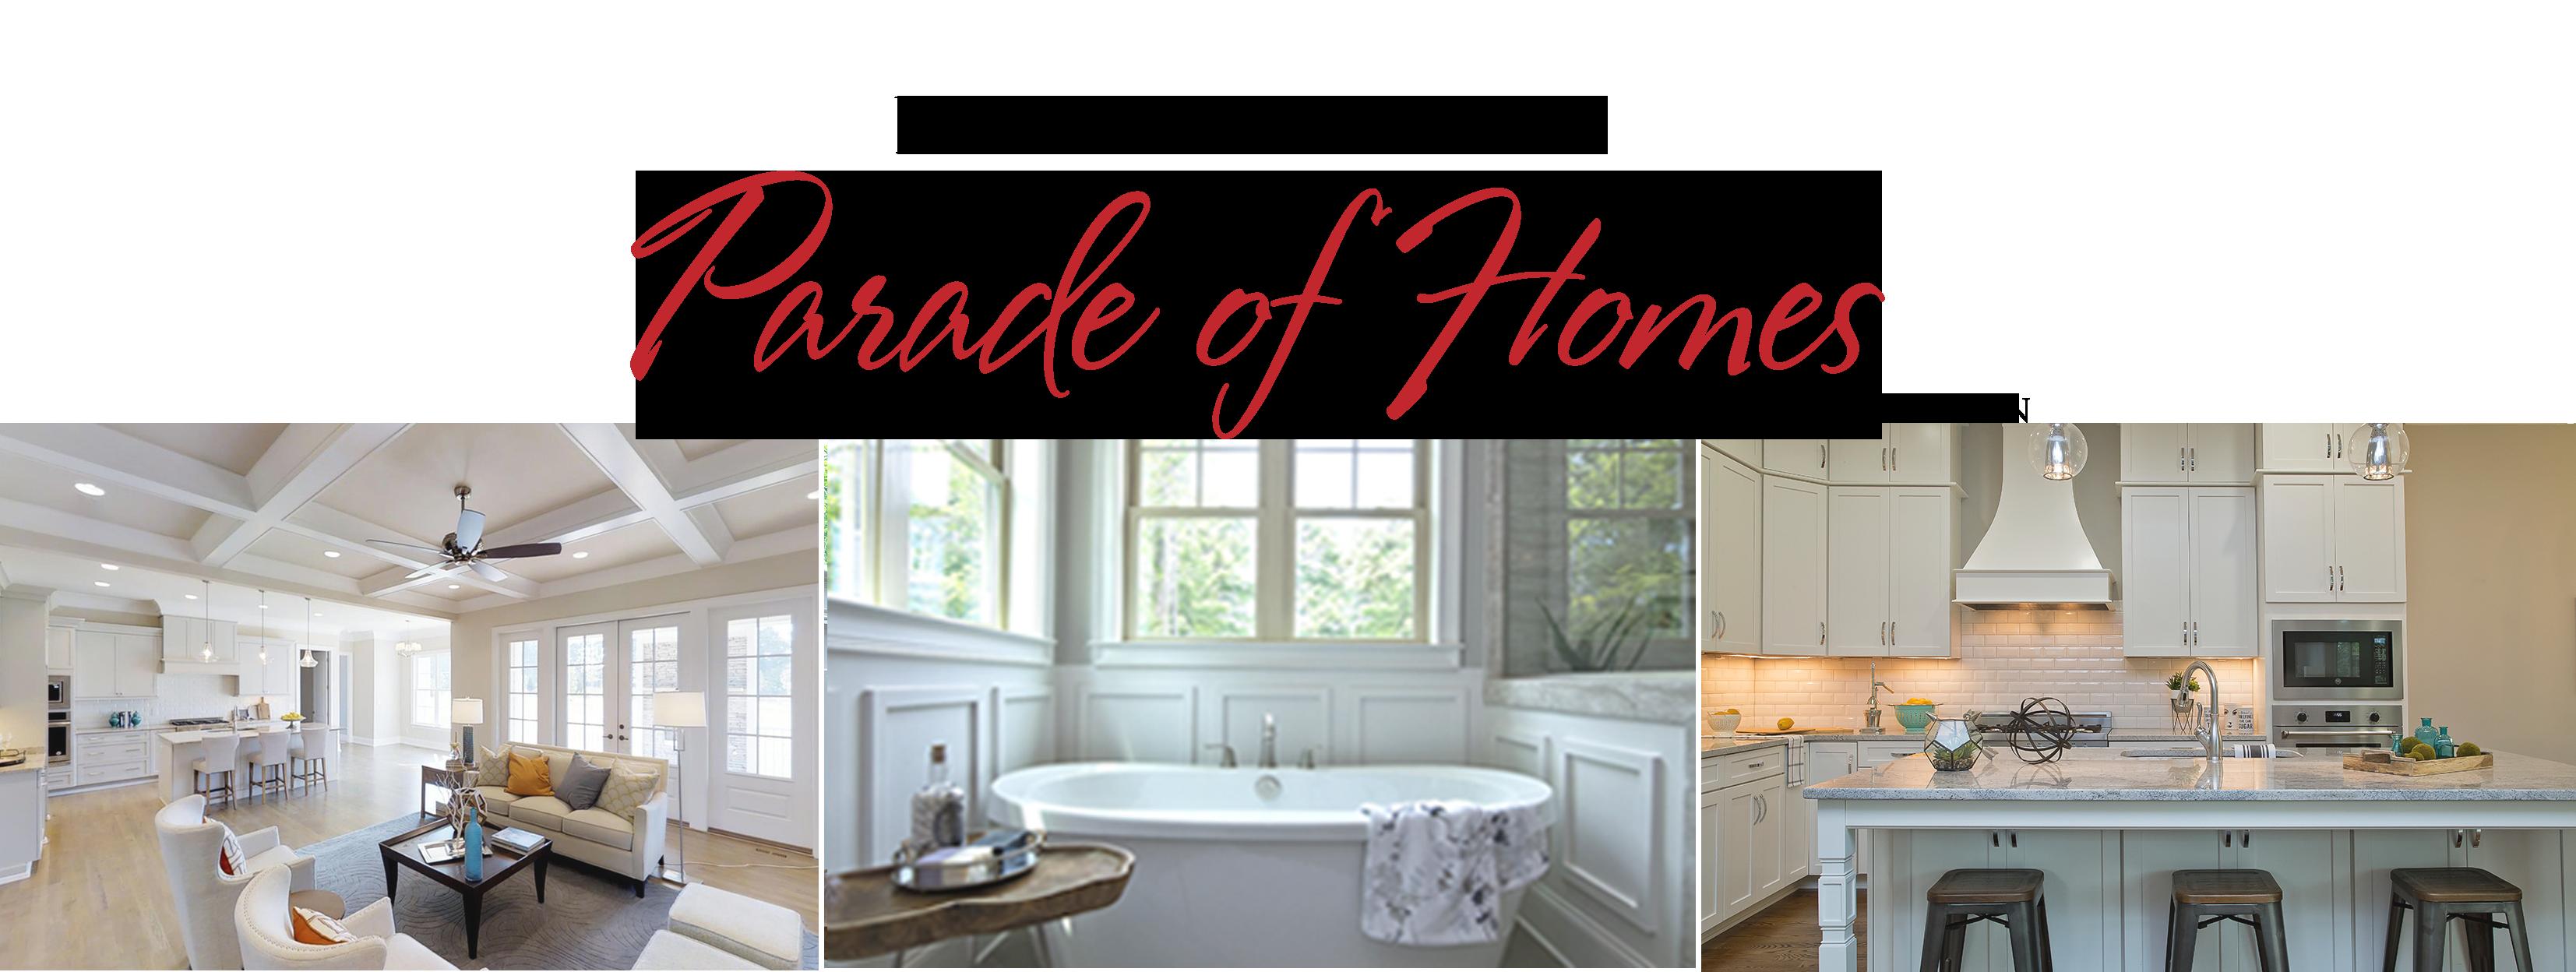 parade of homes photos